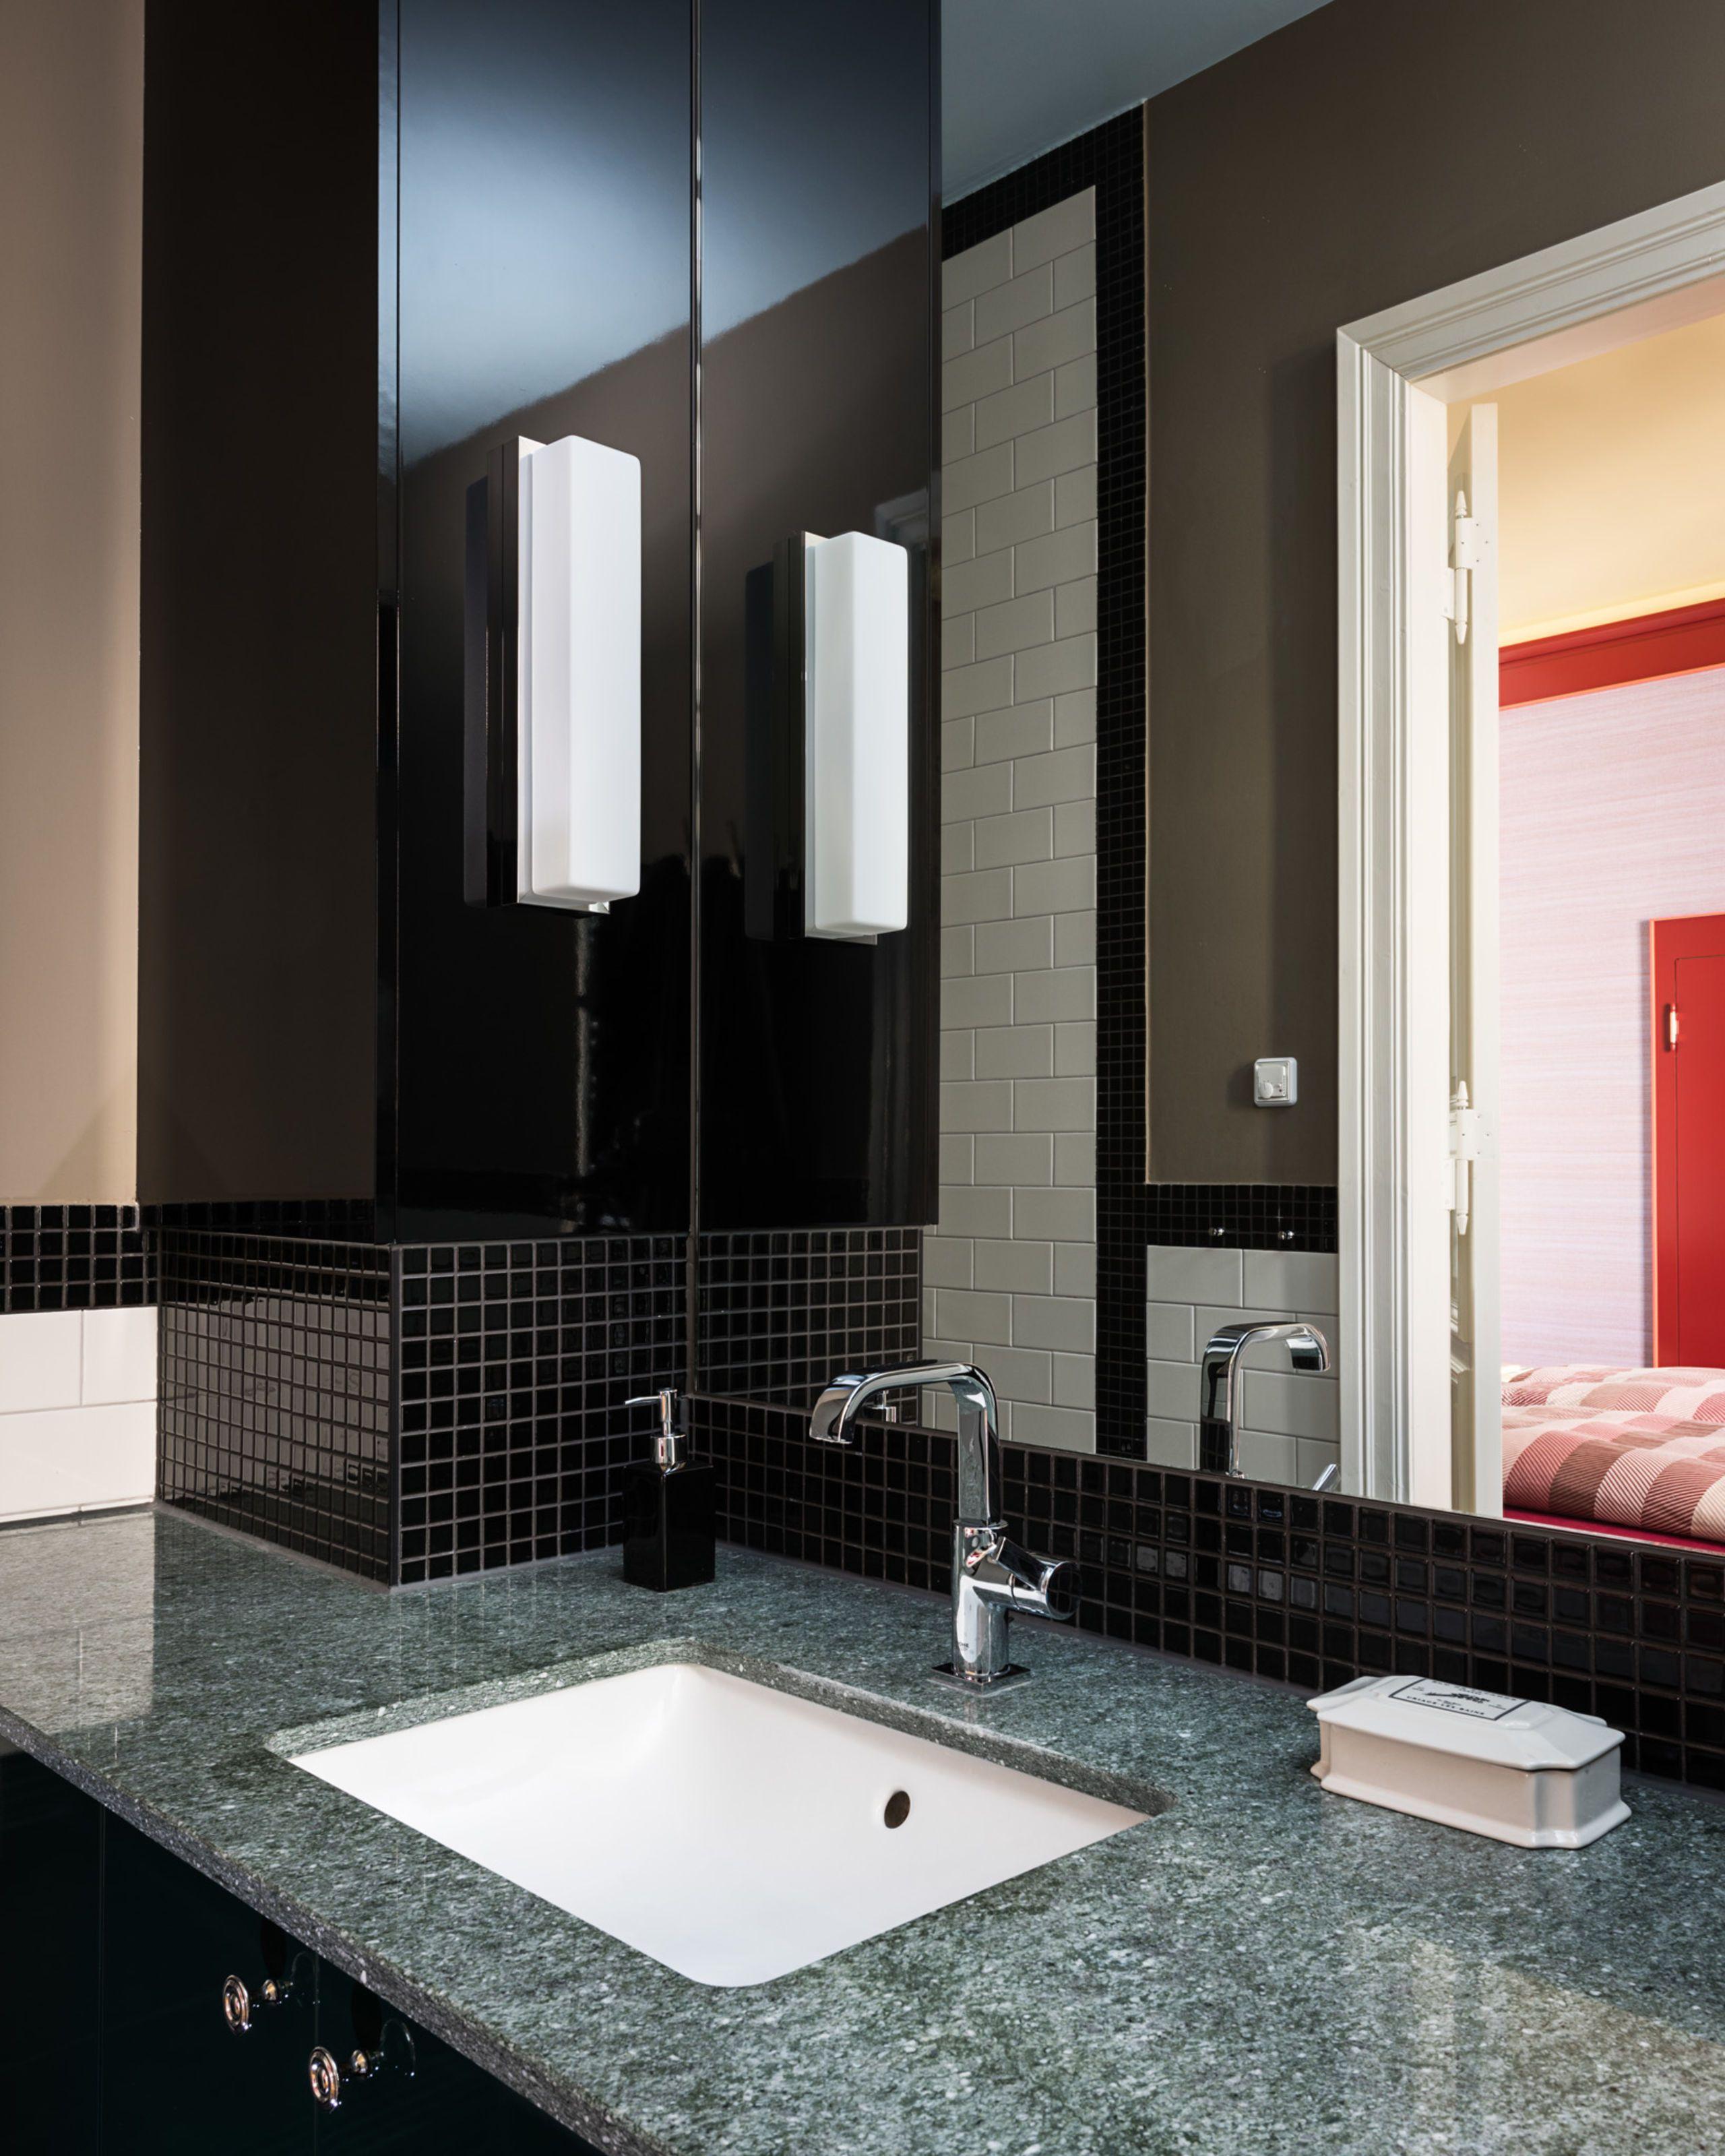 Badezimmerfliesenideen um badewanne ideen für kleine badezimmer elegante badezimmereinrichtung